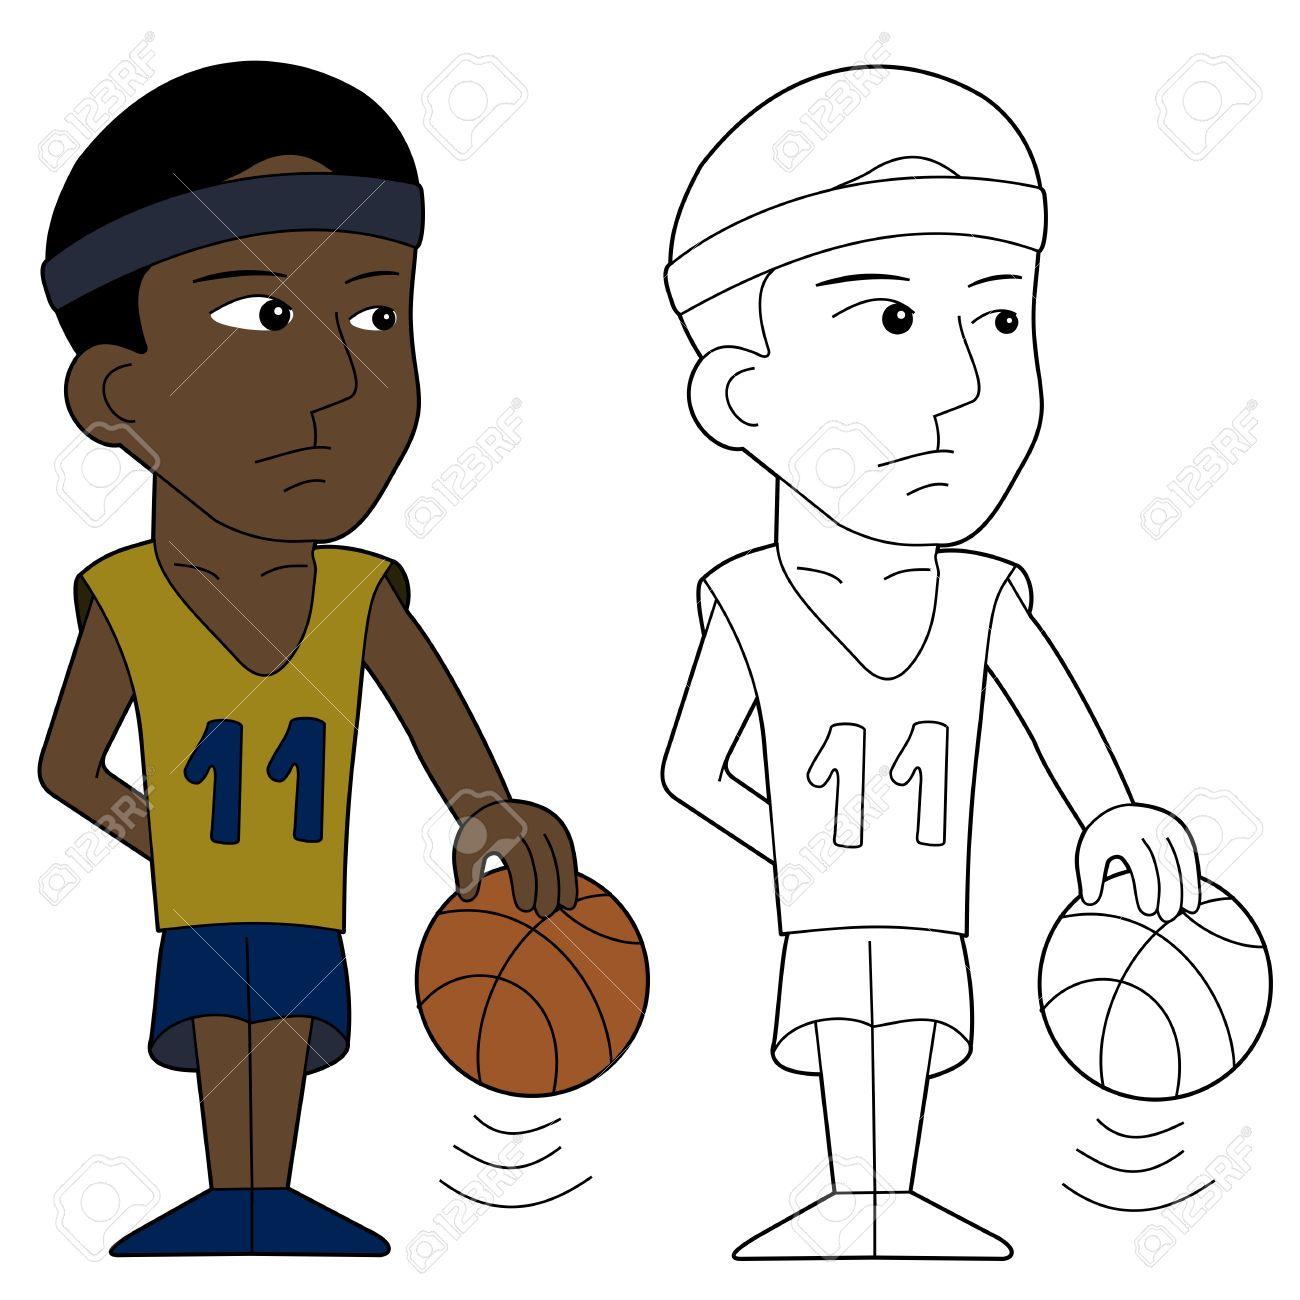 Jugador De Baloncesto Ilustración, Libro Para Colorear Line-art ...